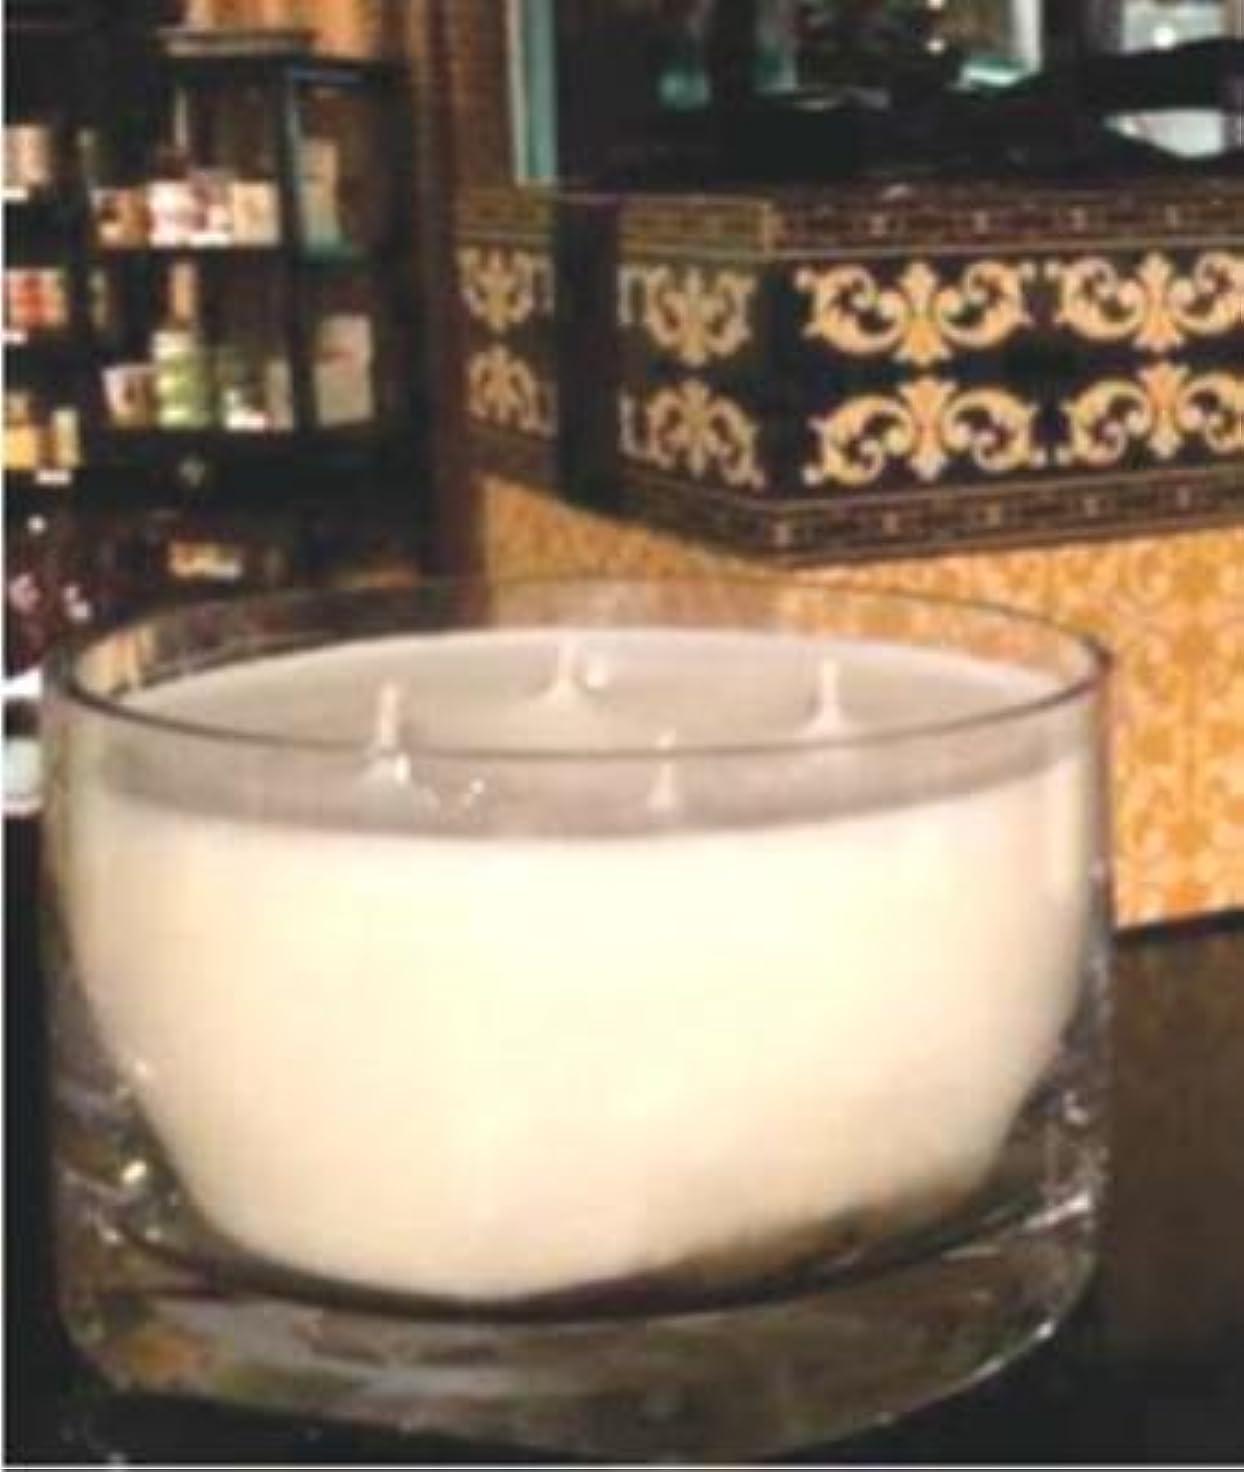 制限する従事したガラスアップルサイダー – Exclusive Tyler 40 oz 4-wick香りつきJar Candle